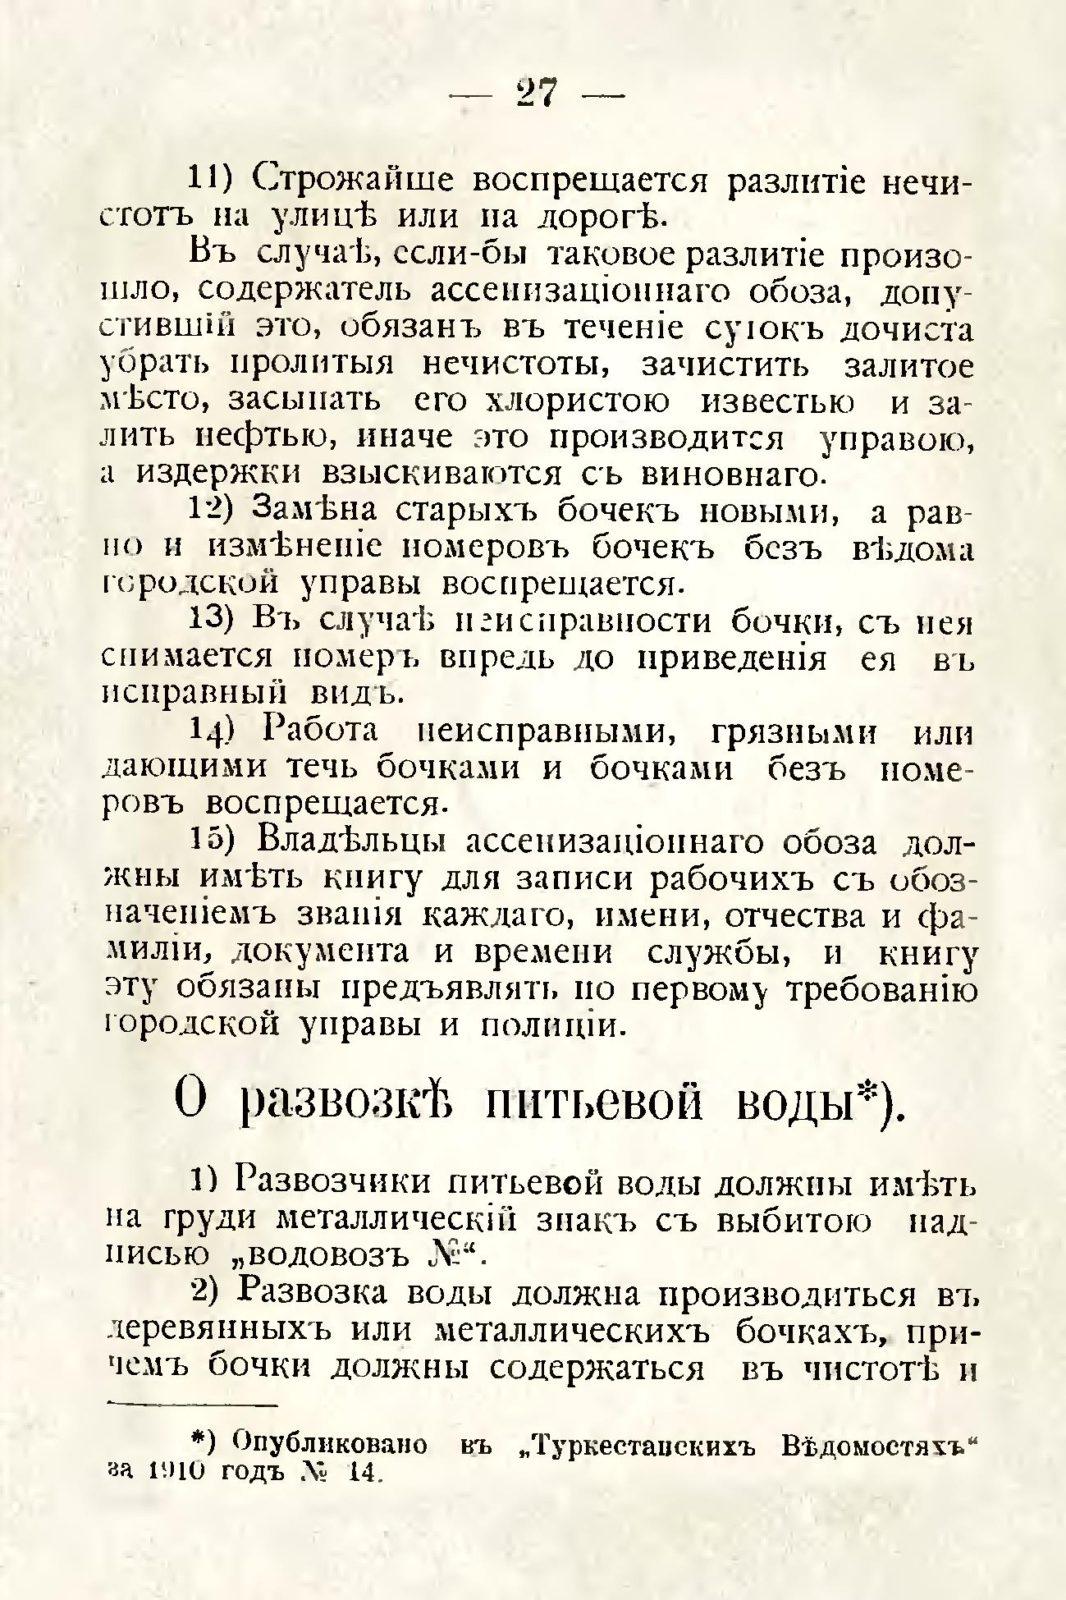 sbornik_obyazatelnyh_postanovlenii_tashkentskoi_gorodskoi_du_31